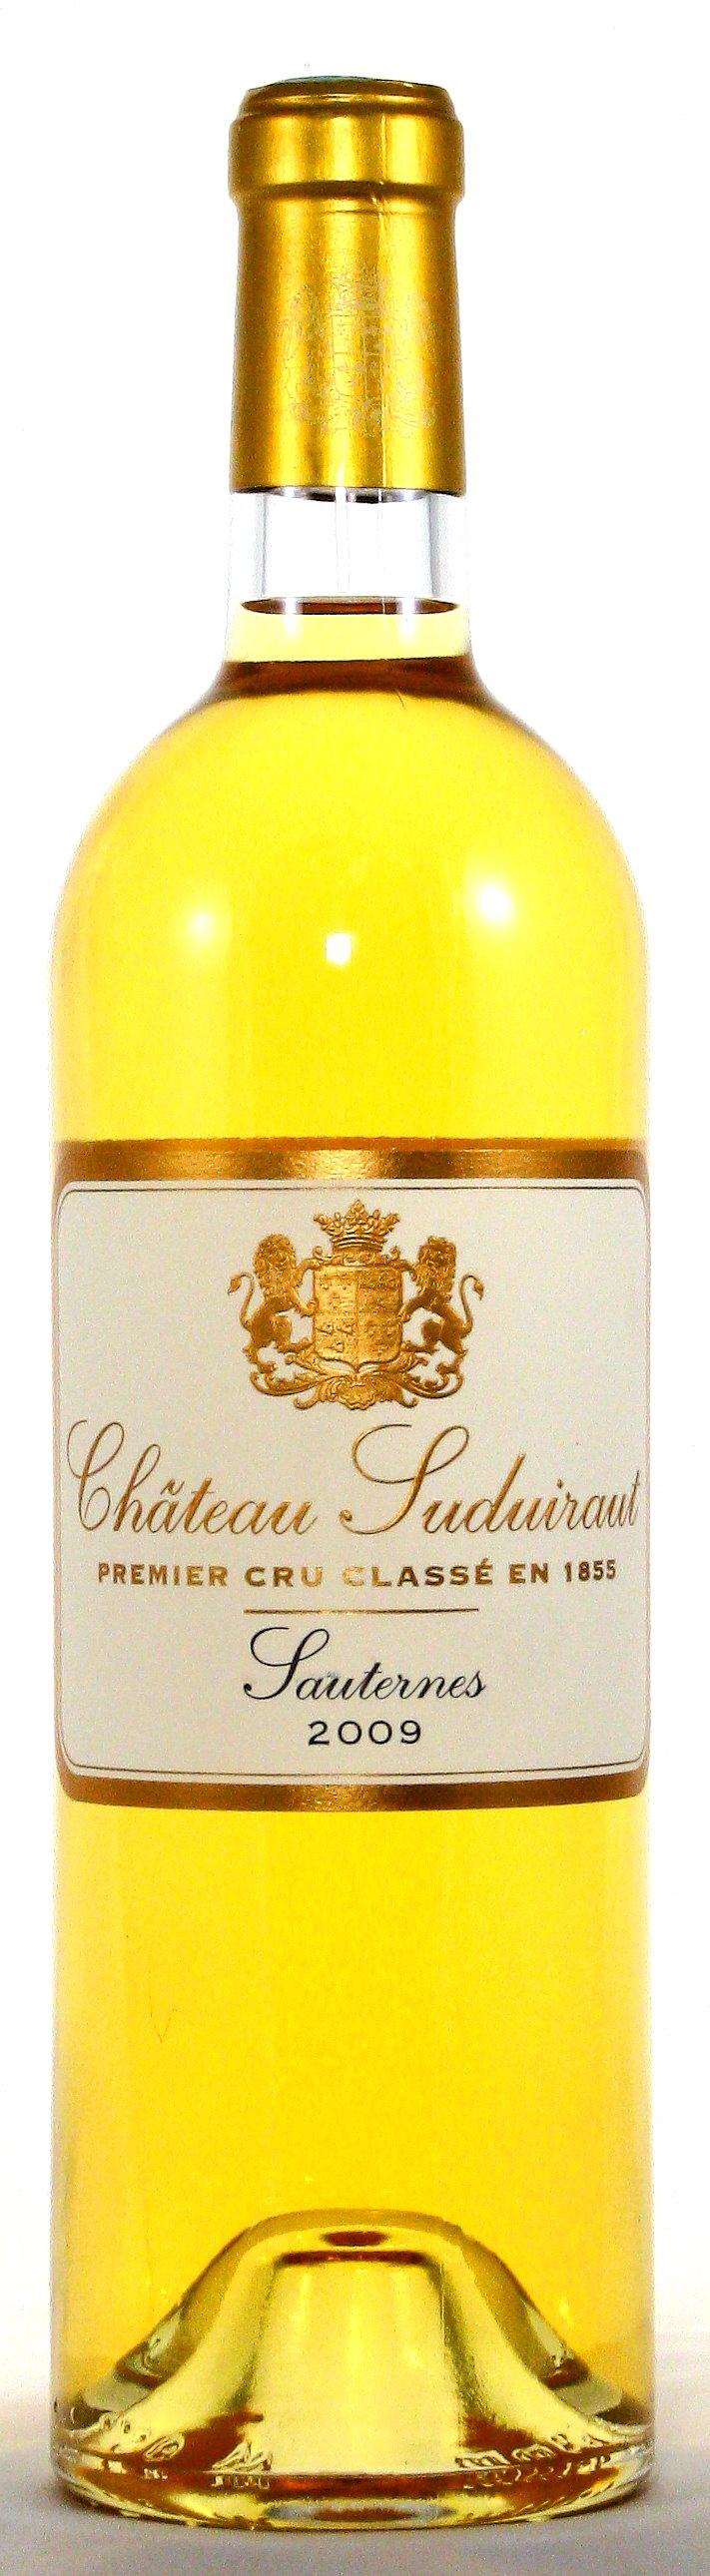 2009 Château Suduiraut, Sauternes Grand Cru Classé, Bordeaux